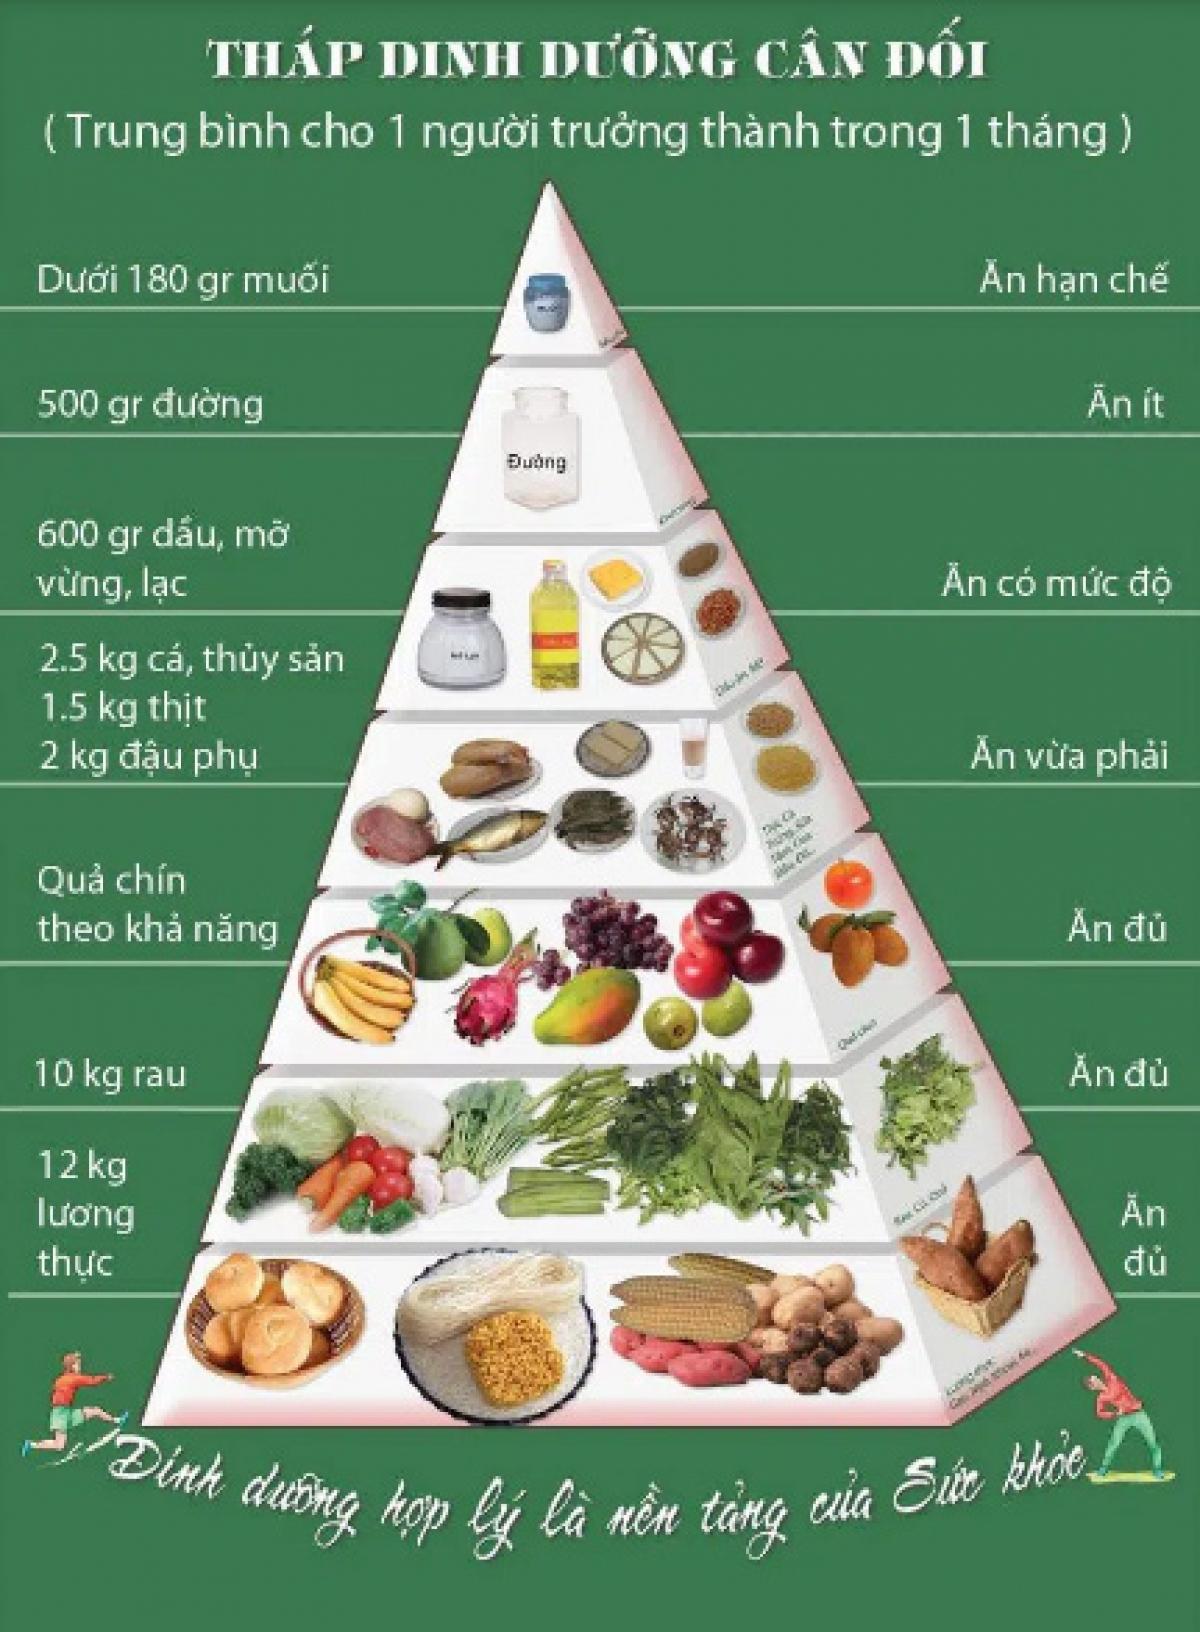 Không nên tiêu thụ quá nhiều đạm và chất béo